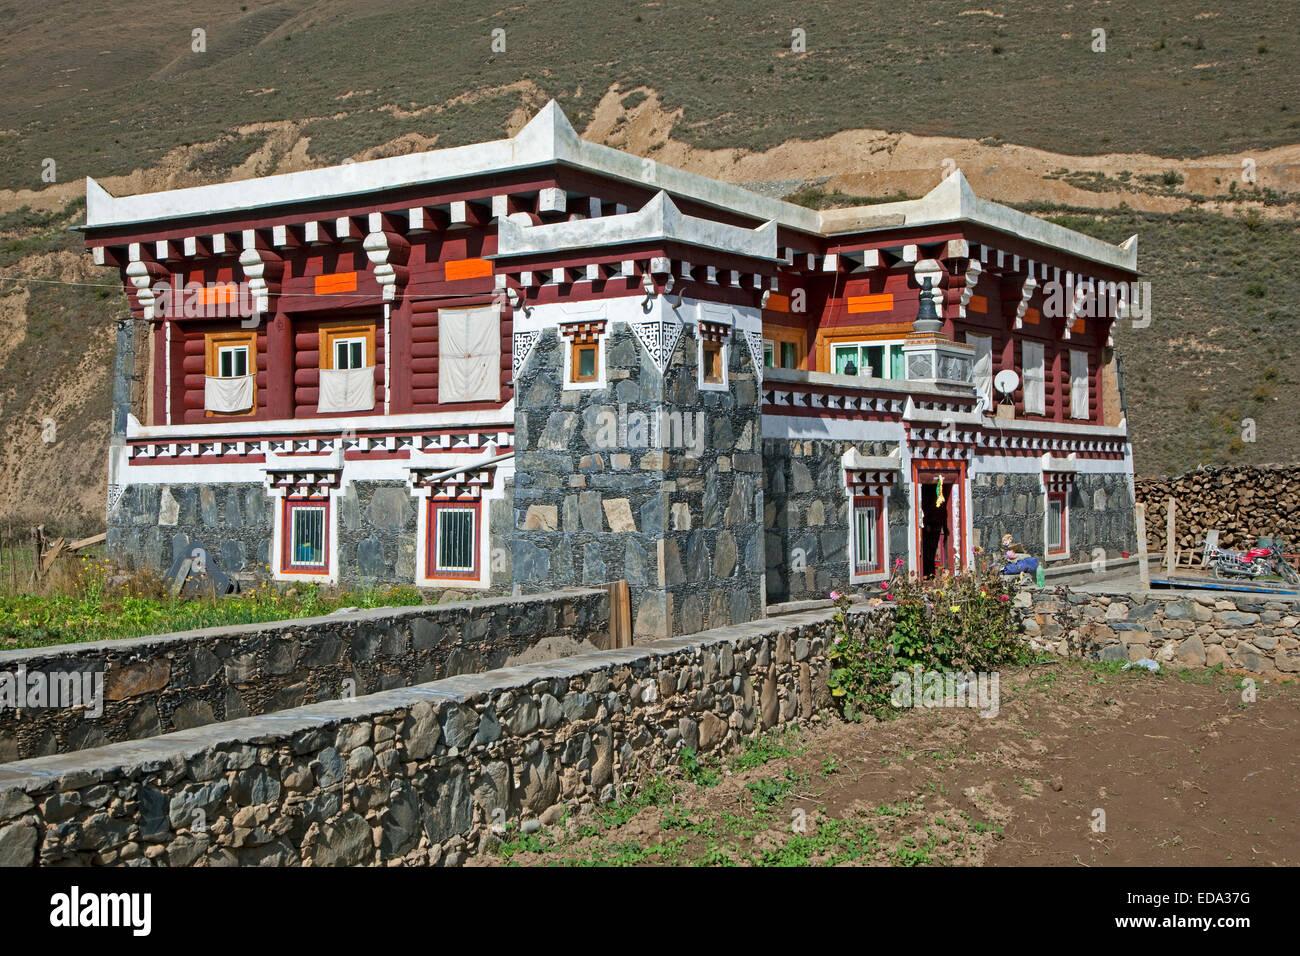 La arquitectura tibetana en campo mostrando moderna casa de granito con el típico techo plano y poco atalaya, Imagen De Stock